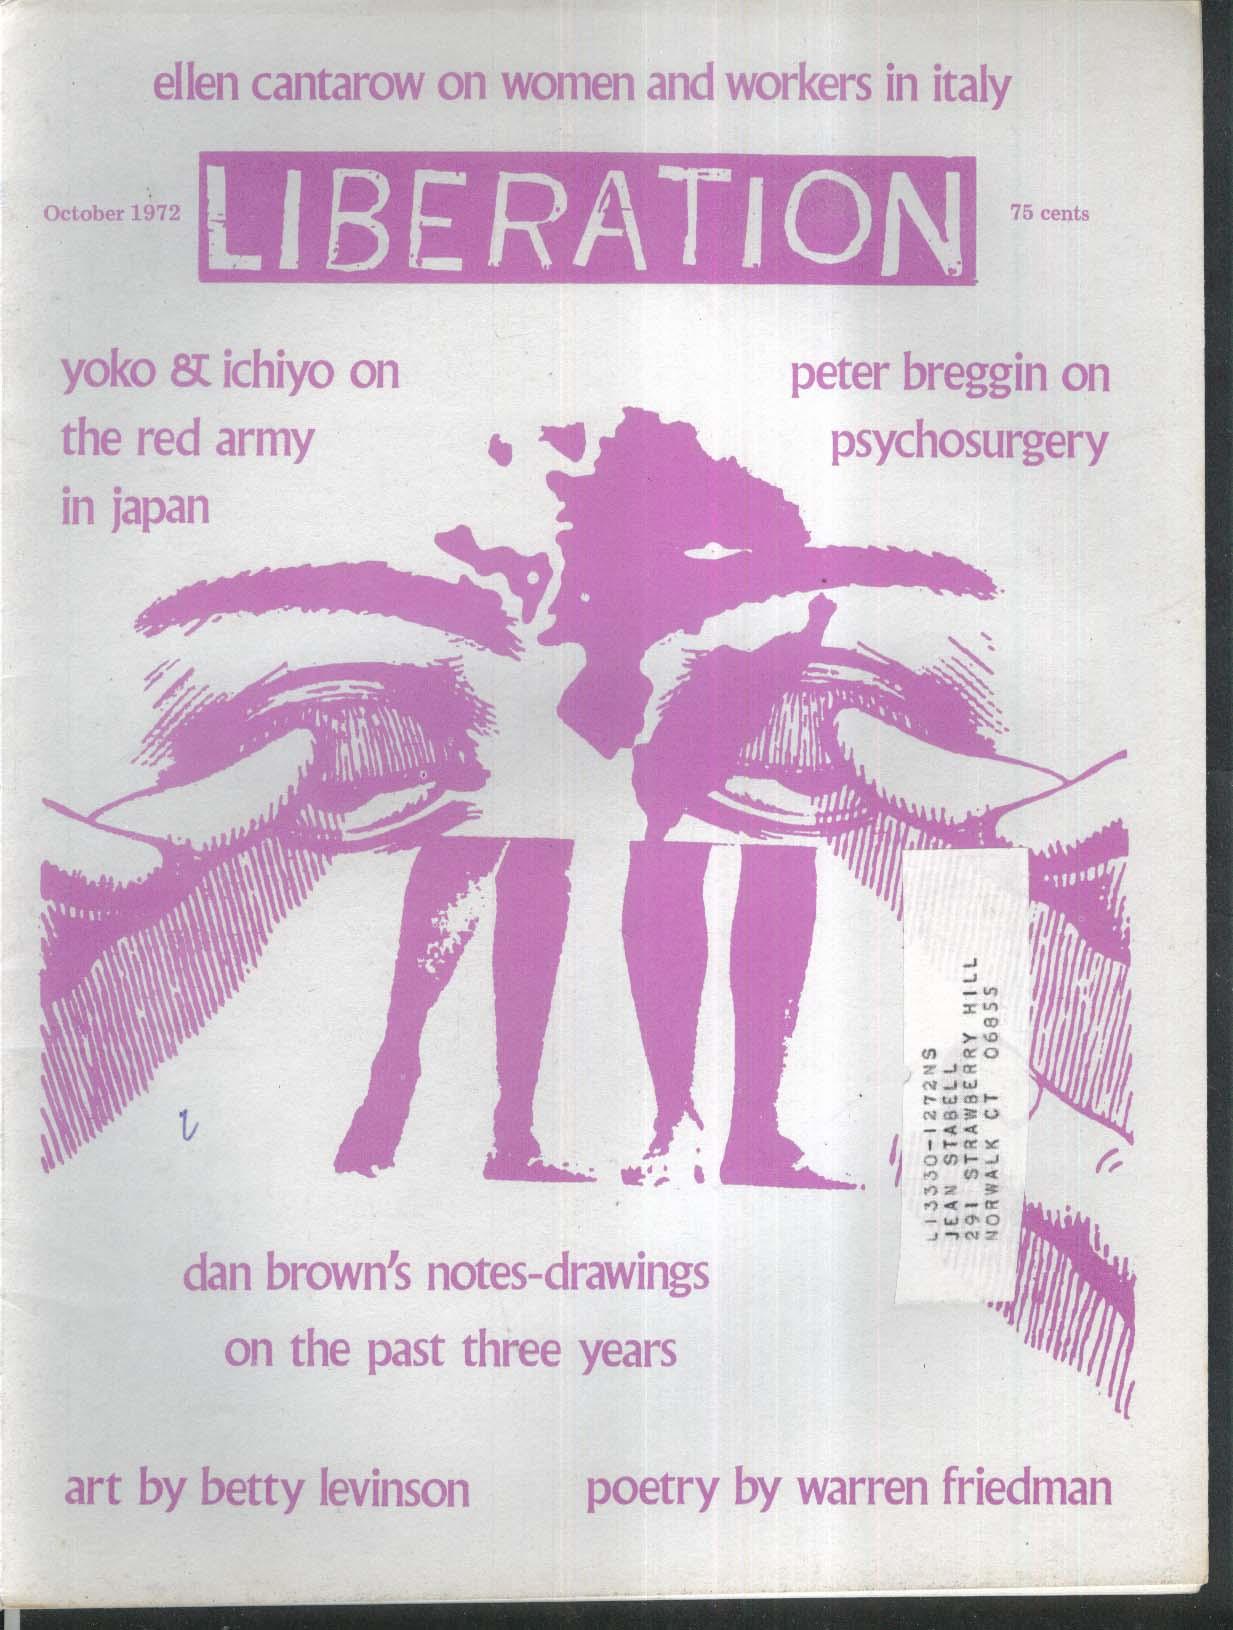 LIBERATION Peter Breggin Psychosurgery Kitazawa Yoko Muto Ichiyo 10 1972